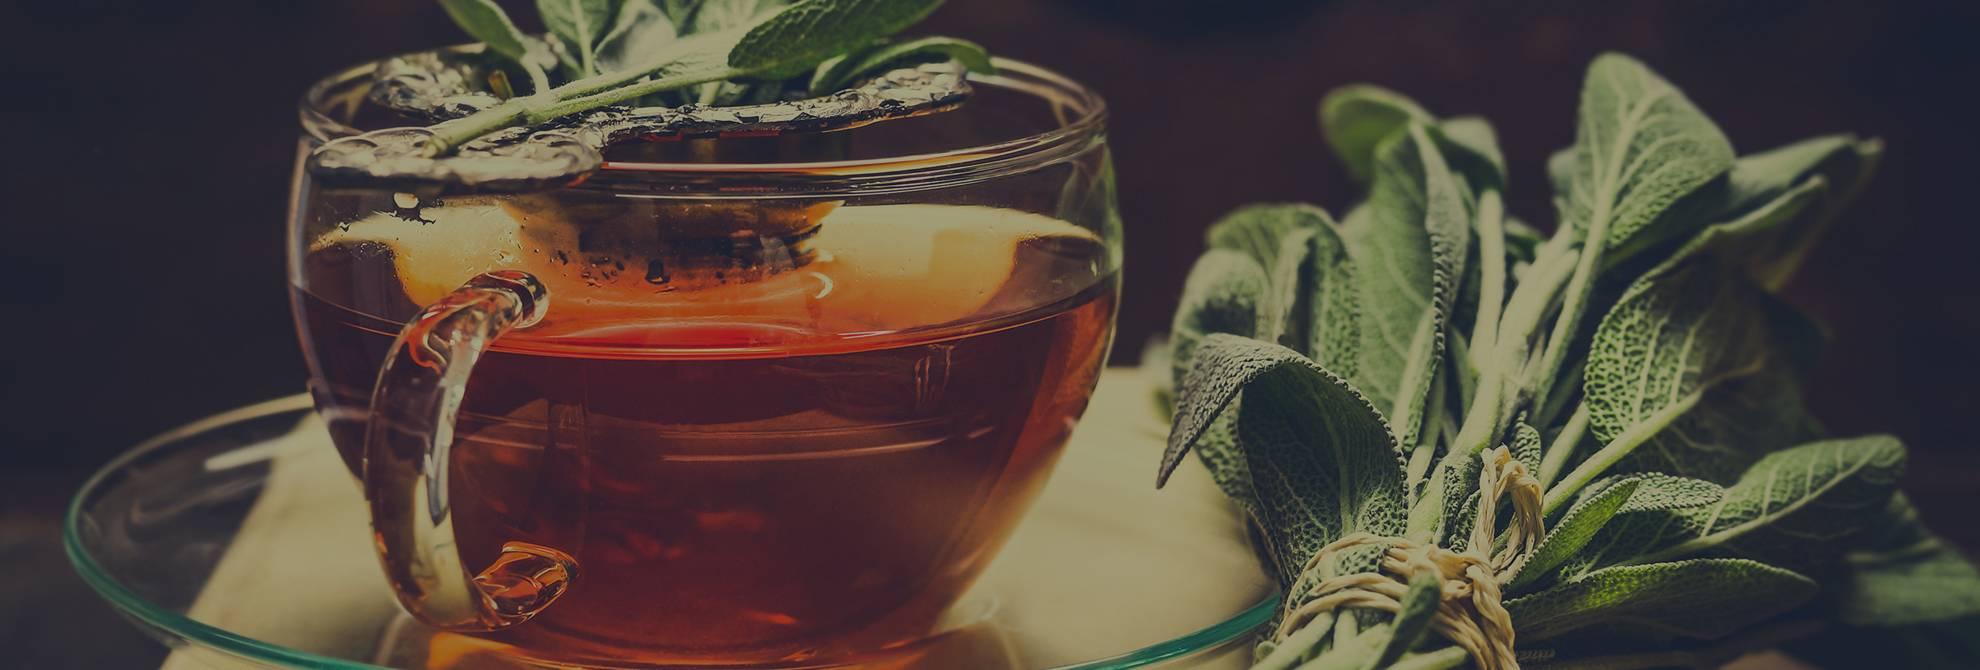 Крепкий чай при поносе: особенности использования и эффективные рецепты приготовления